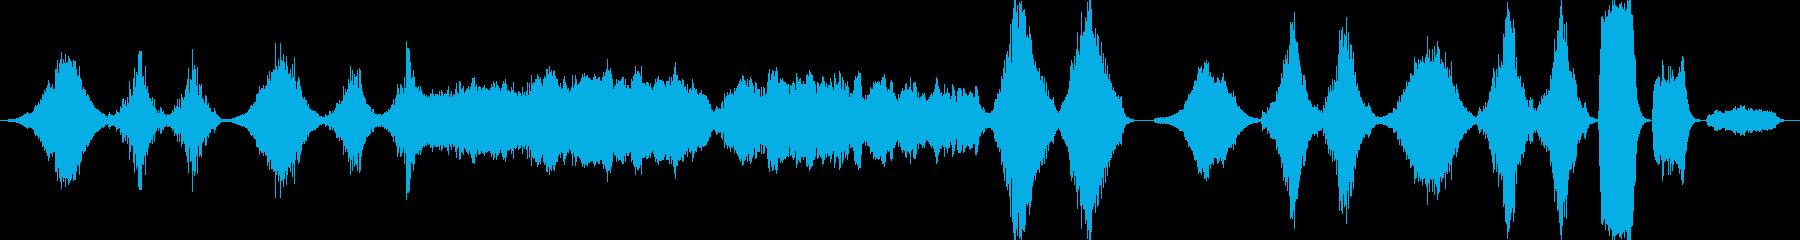 オーケストラ・RPGダンジョン等・ループの再生済みの波形